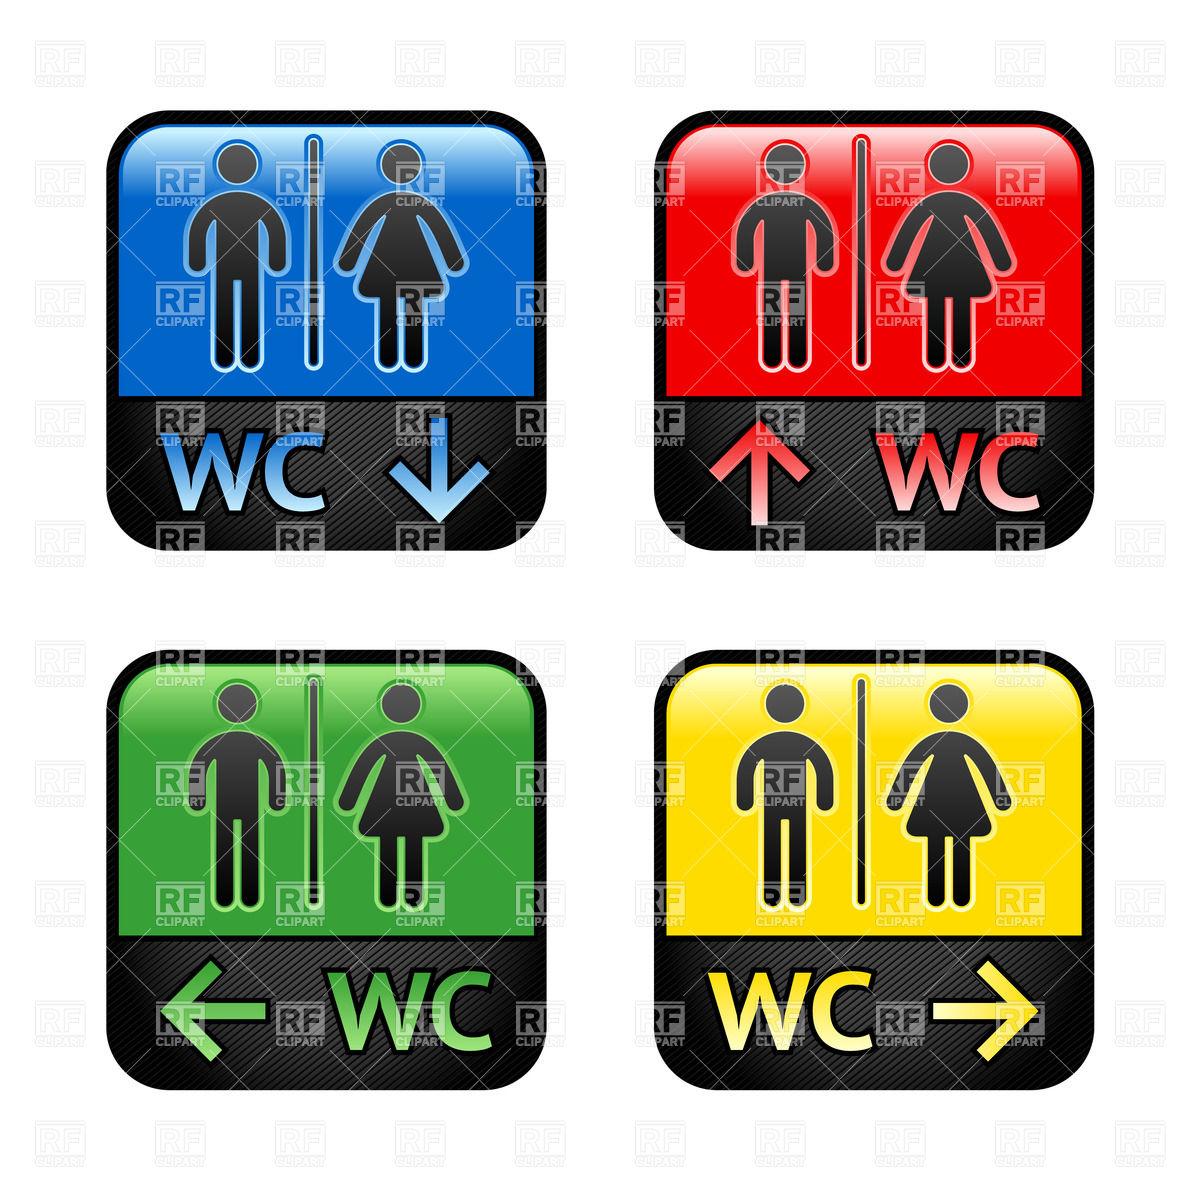 Restroom or WC doorplate.